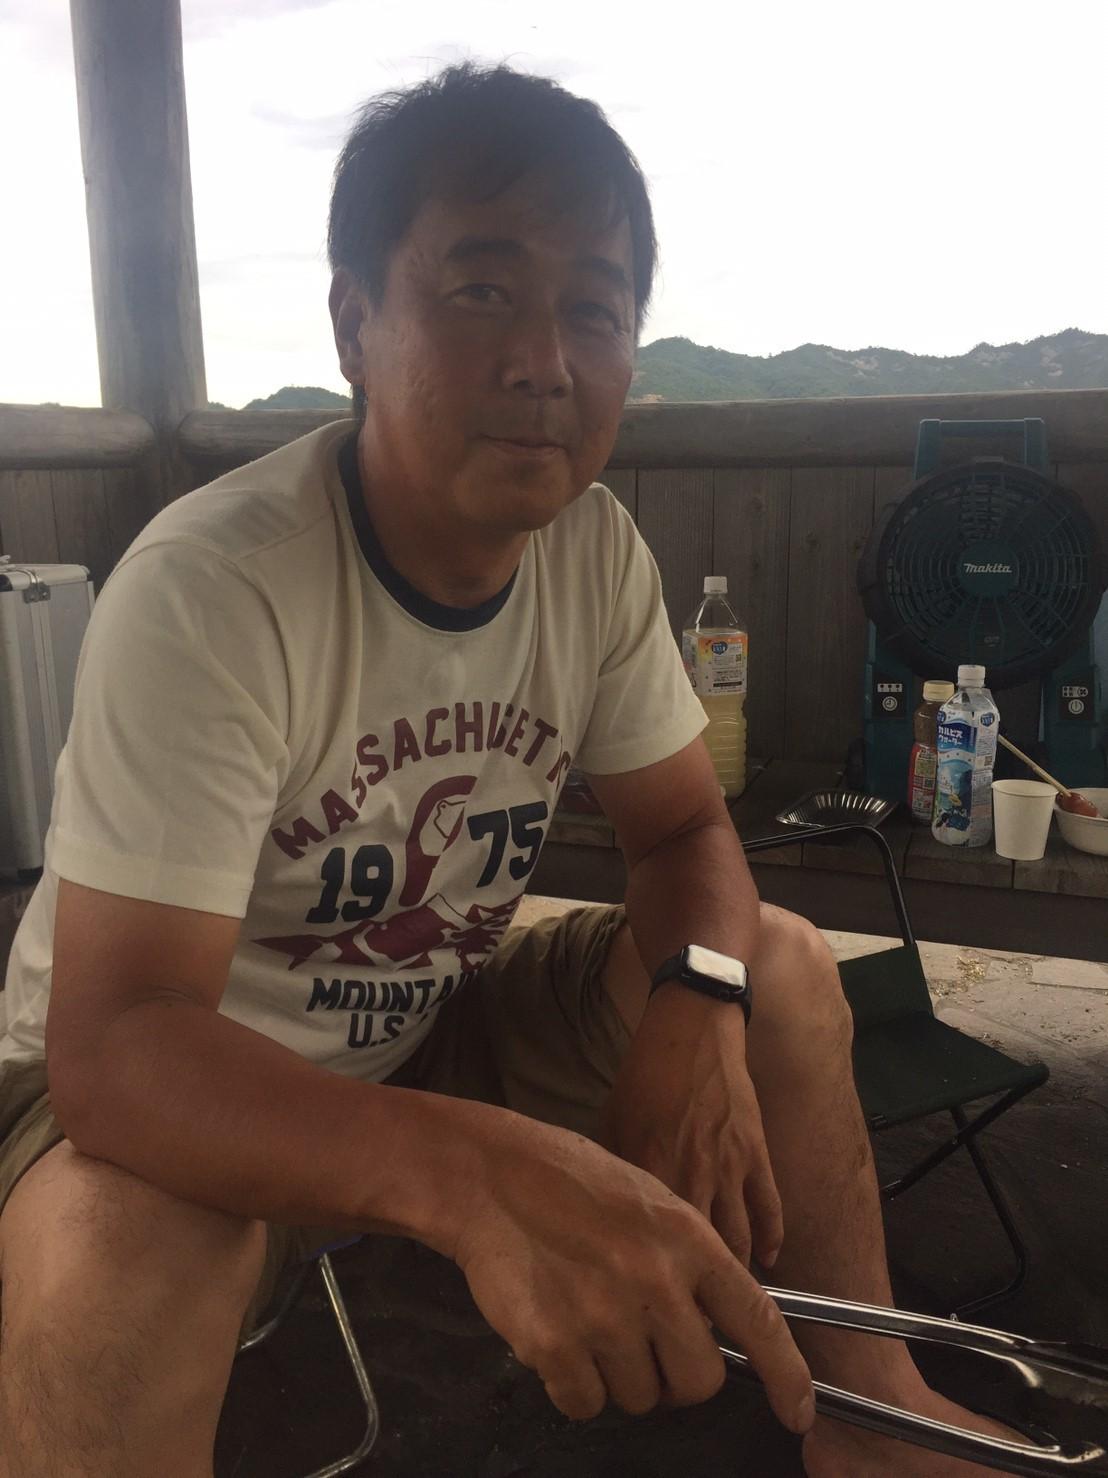 サーフィン部BBQ @大谷海岸_e0115904_10293792.jpg